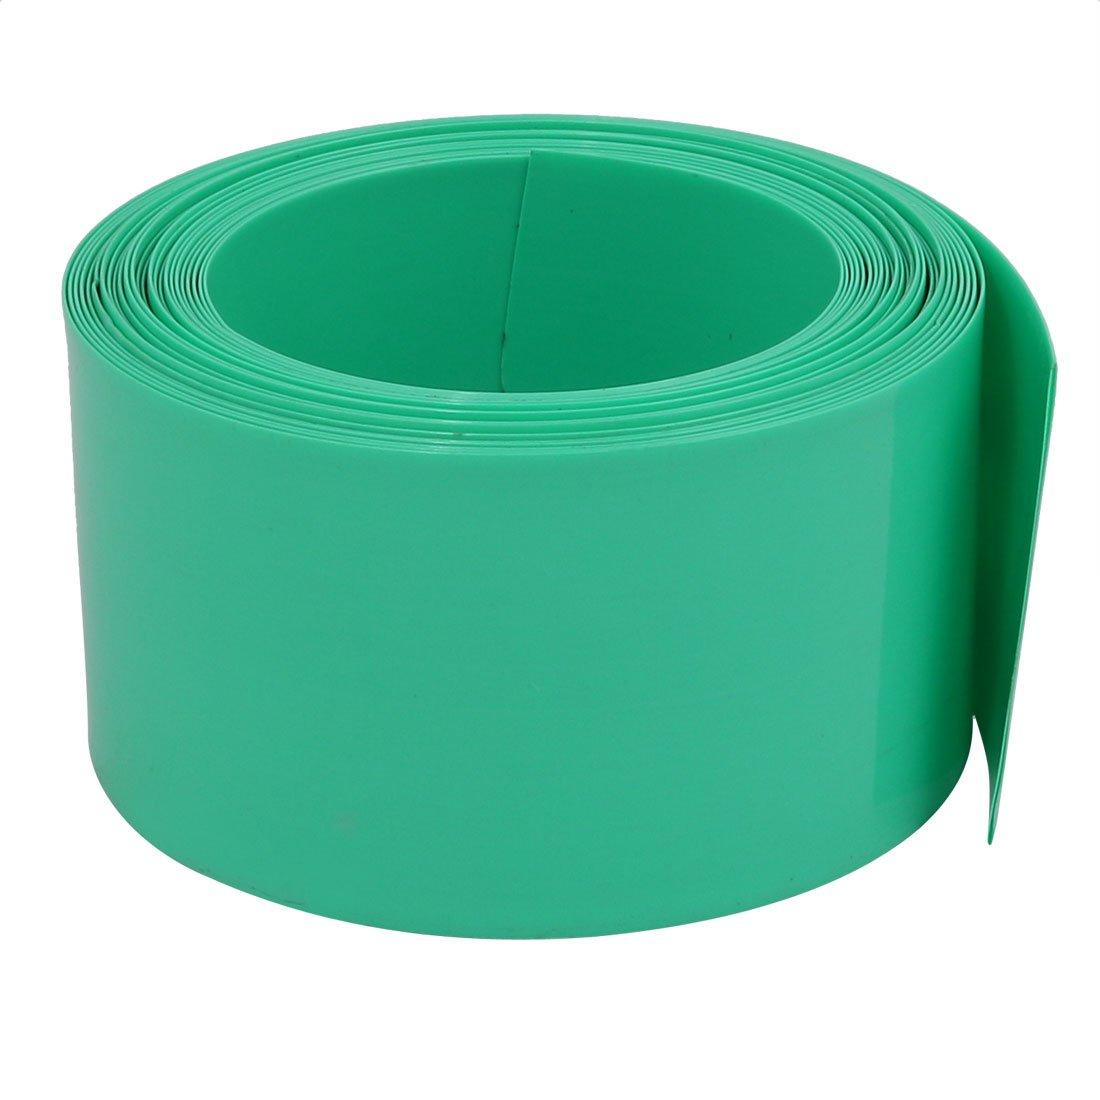 sourcing map 40mm larghezza piatta 5 m PVC lungo tubo termorestringente verde pallido doppio per batterie AA